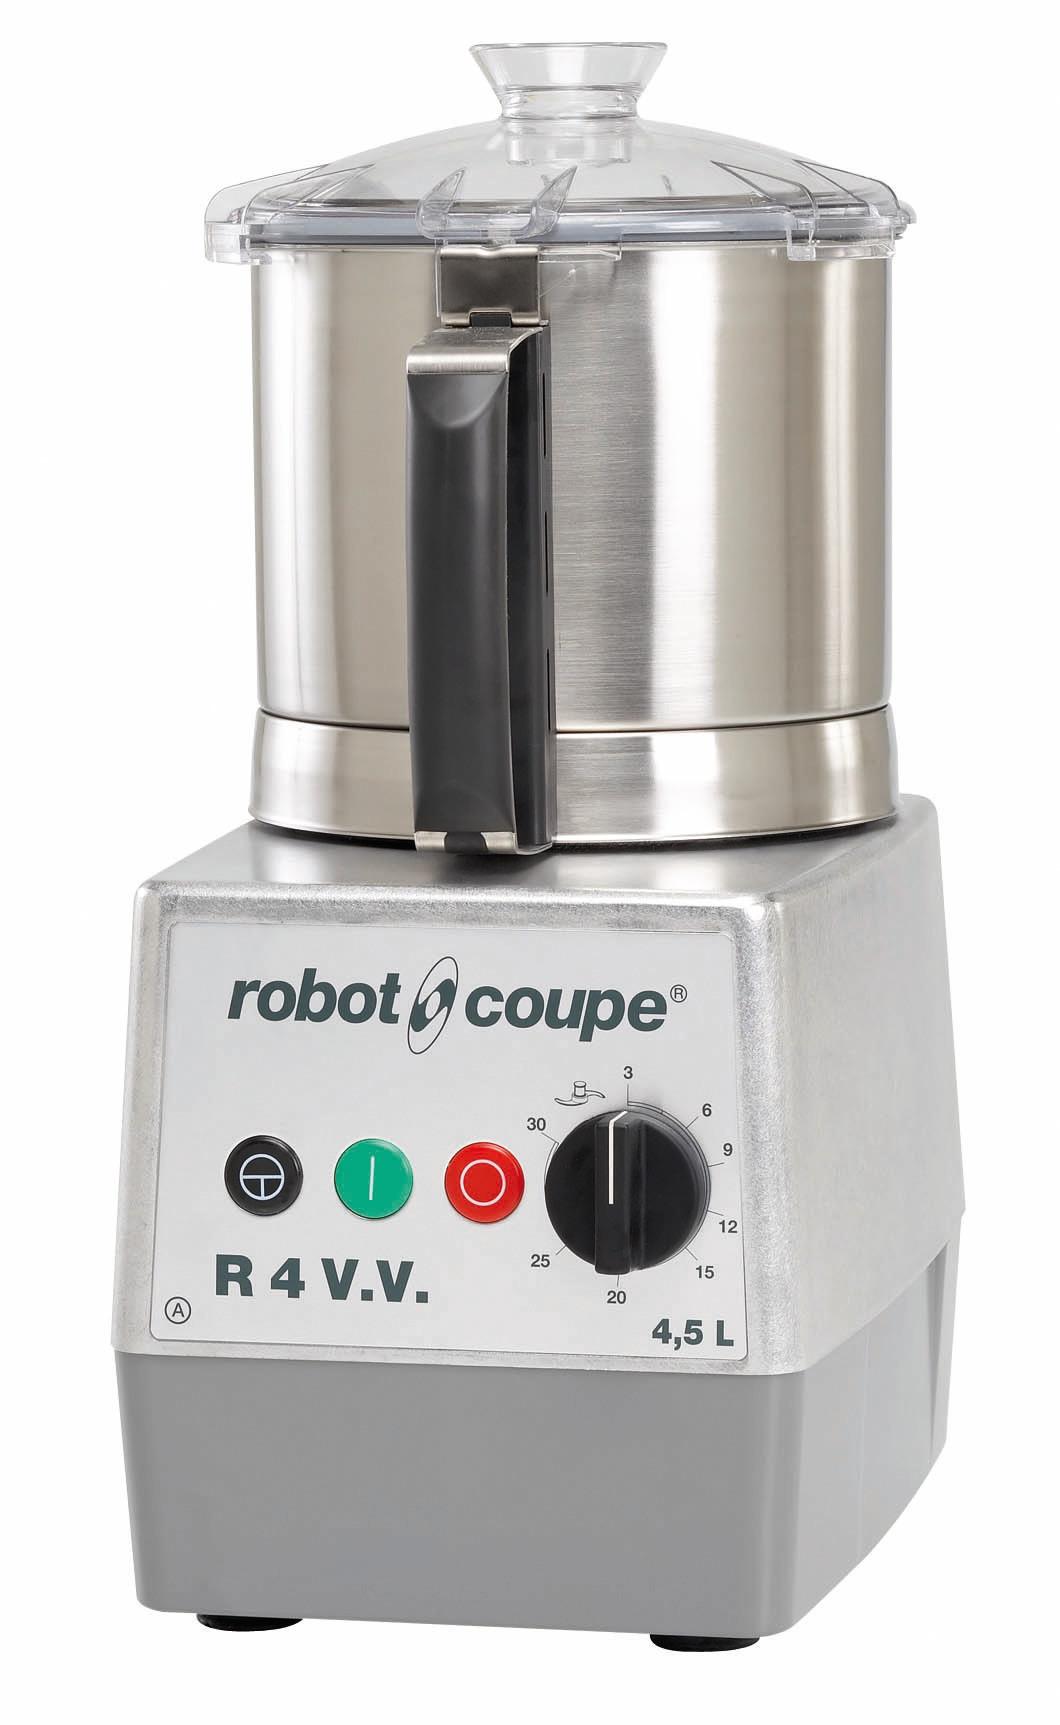 Tischkutter 4,50 l / R 4 V.V. / 230 V /  1,00 kW